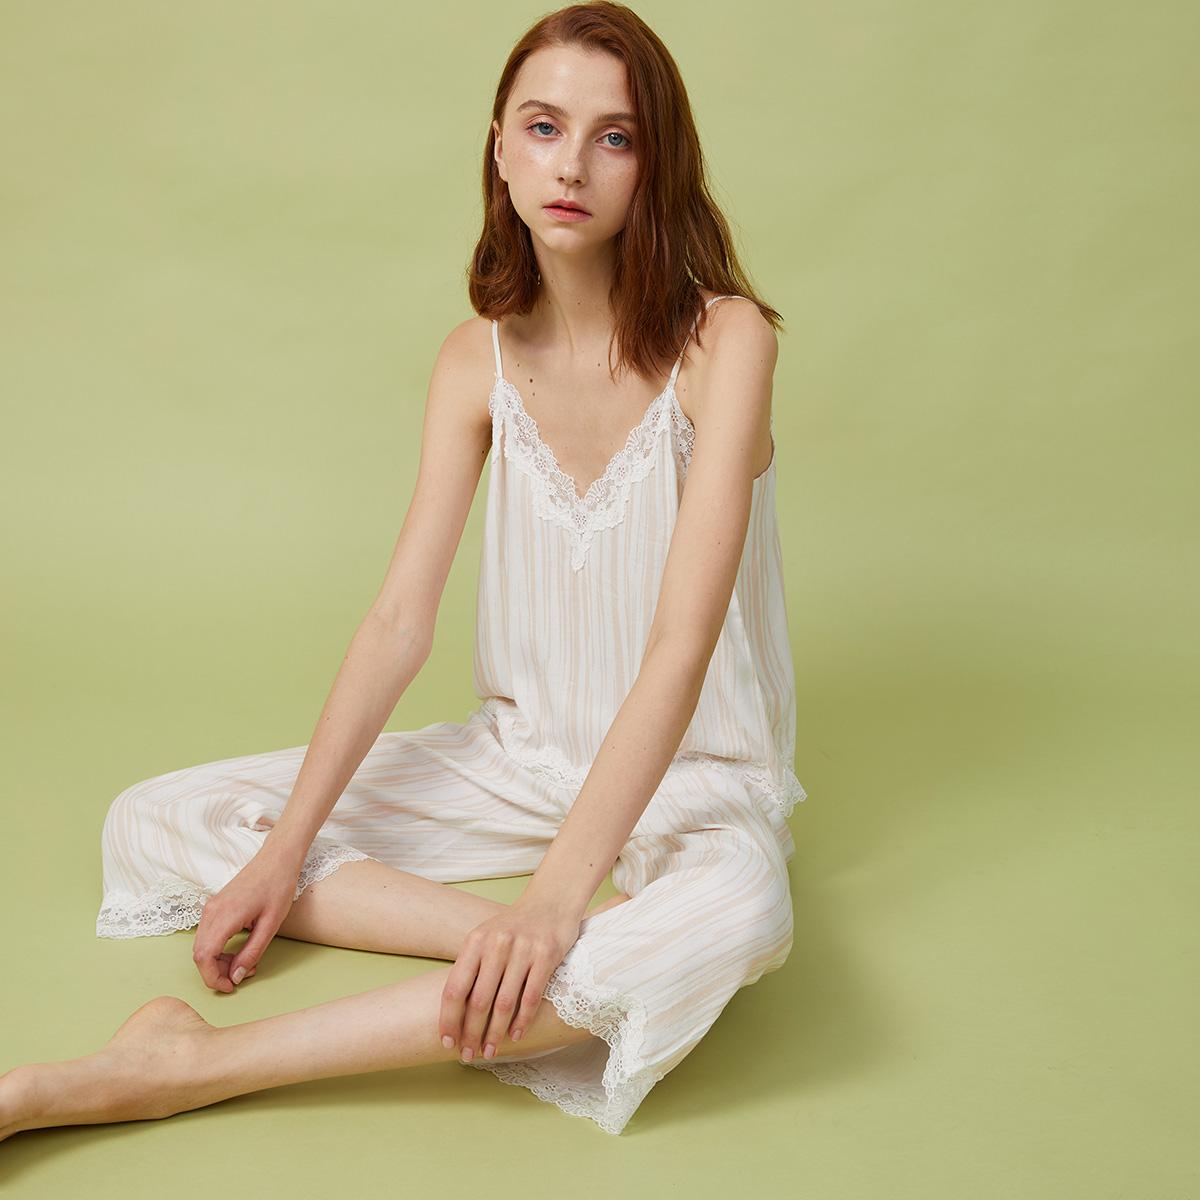 夏季睡衣女性感v领条纹印花蕾丝边吊带八分阔腿裤ins